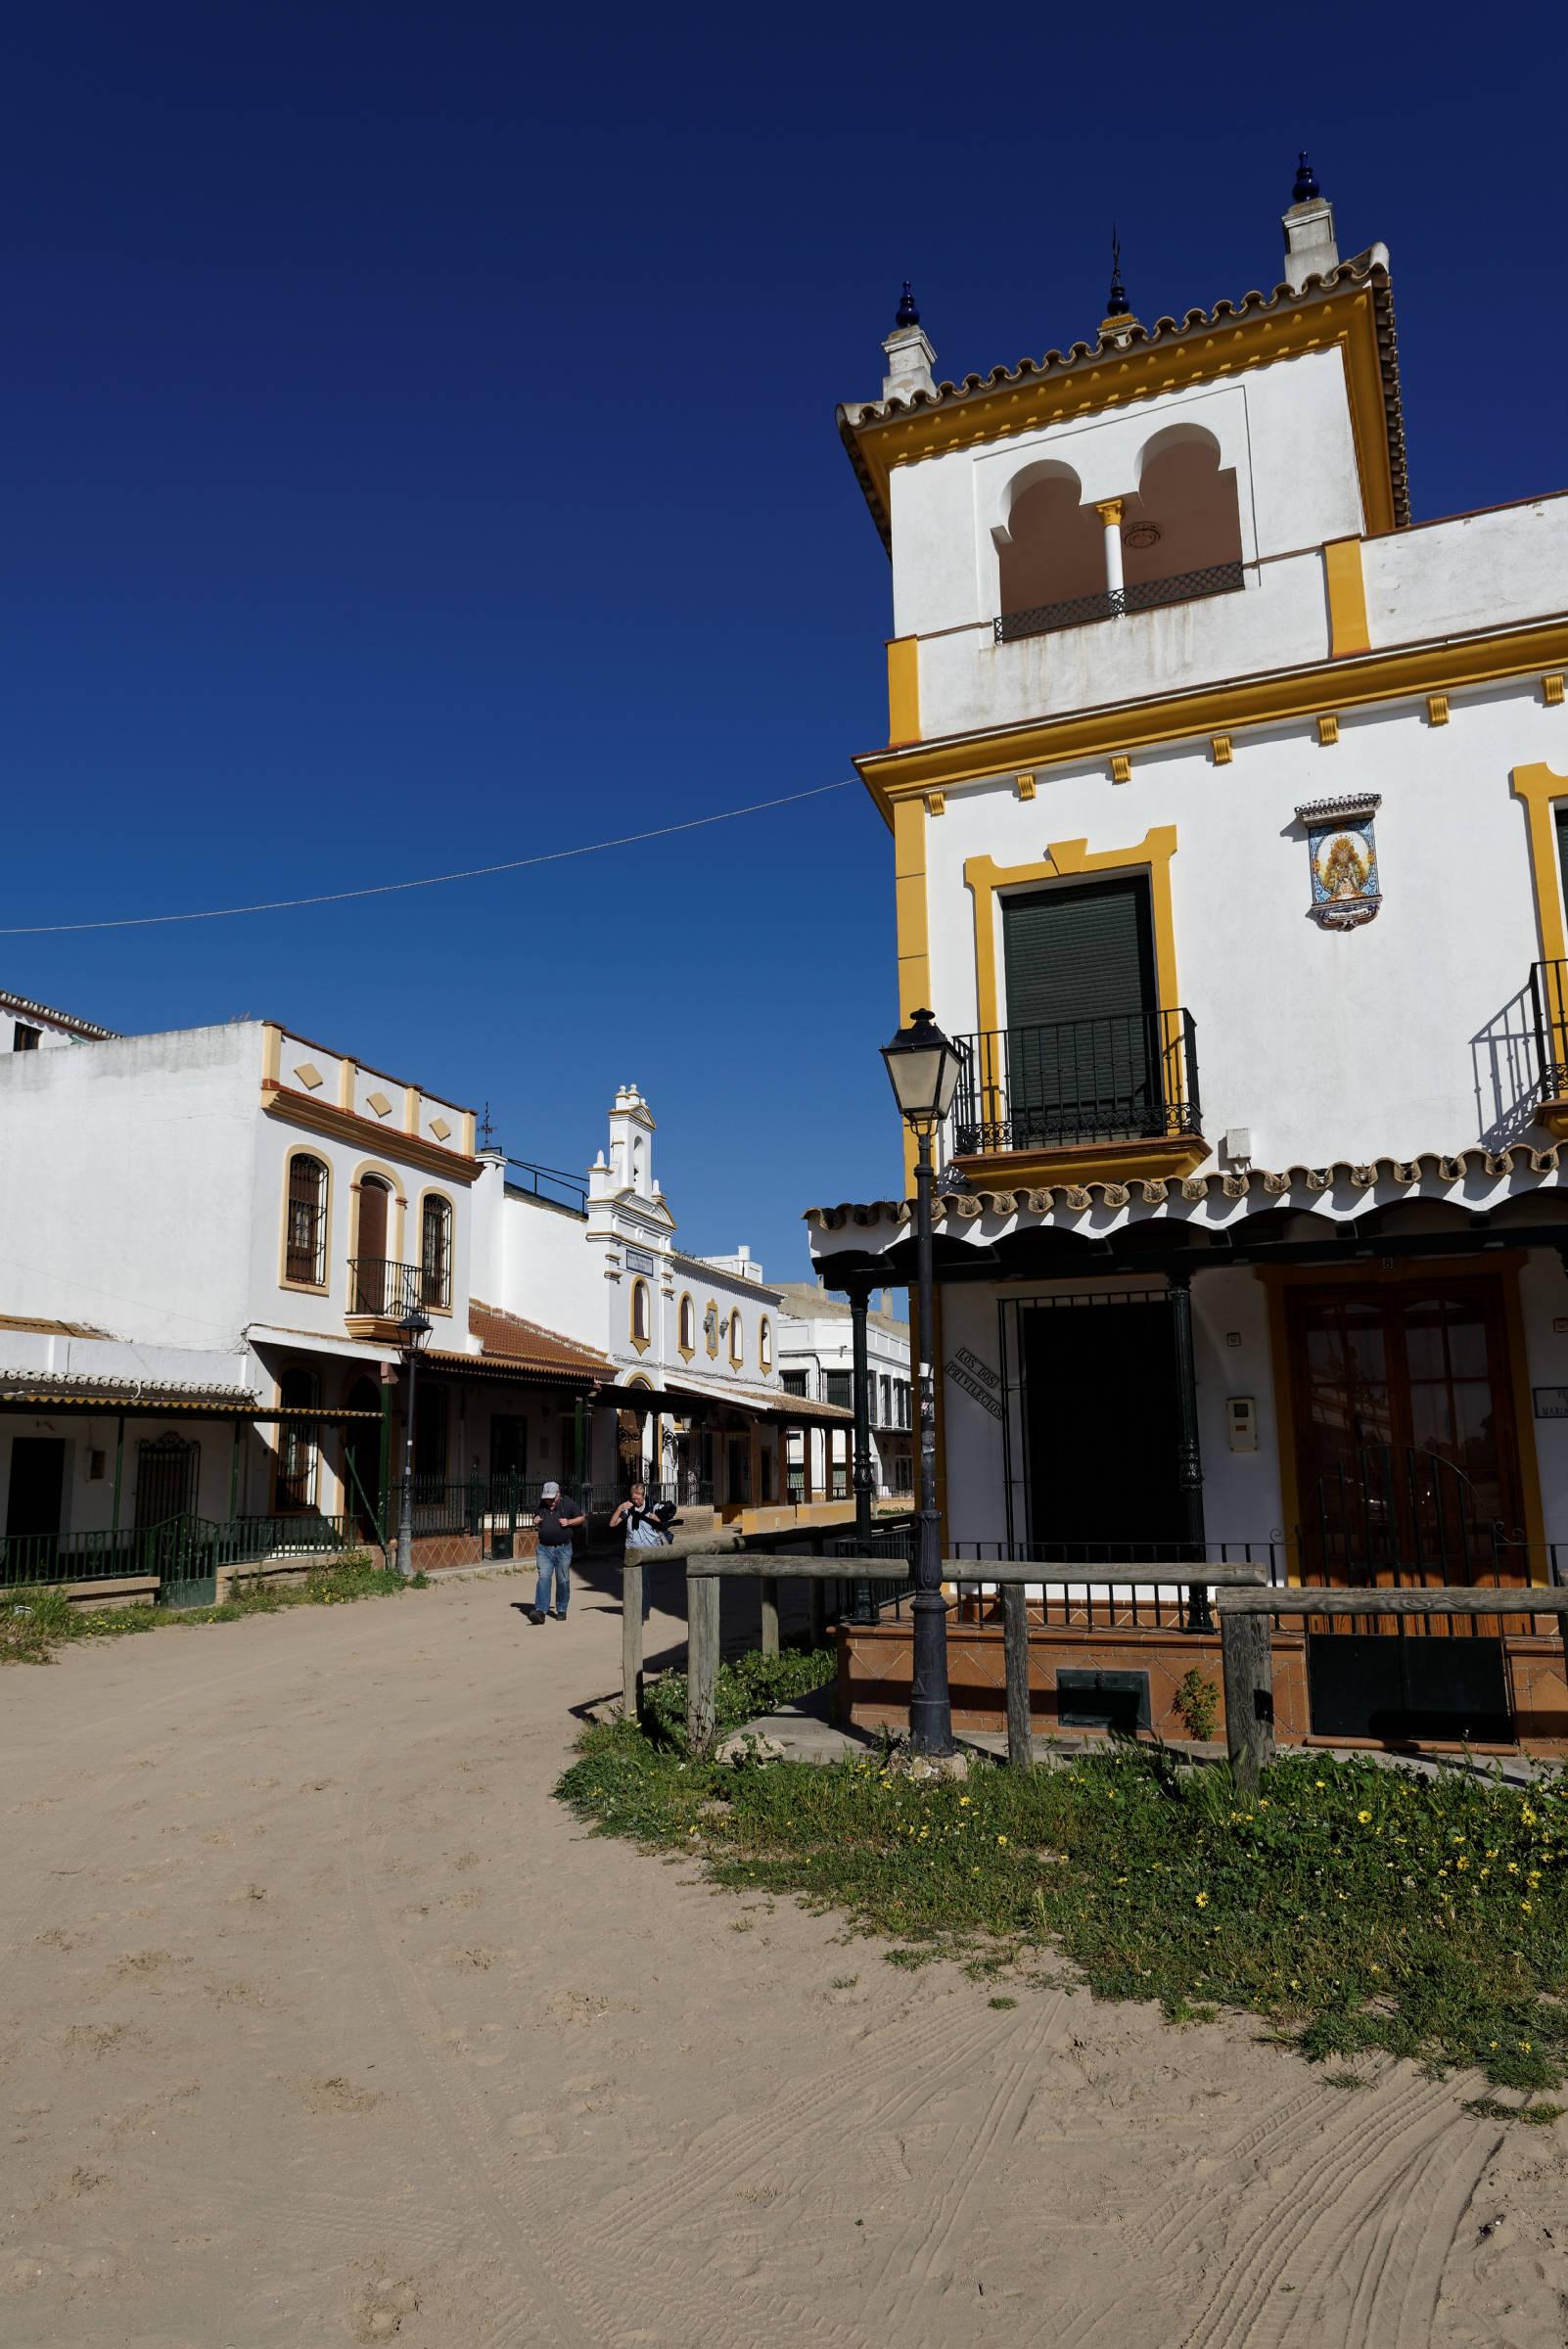 160409-El Rocio (Andalousie) (1004)